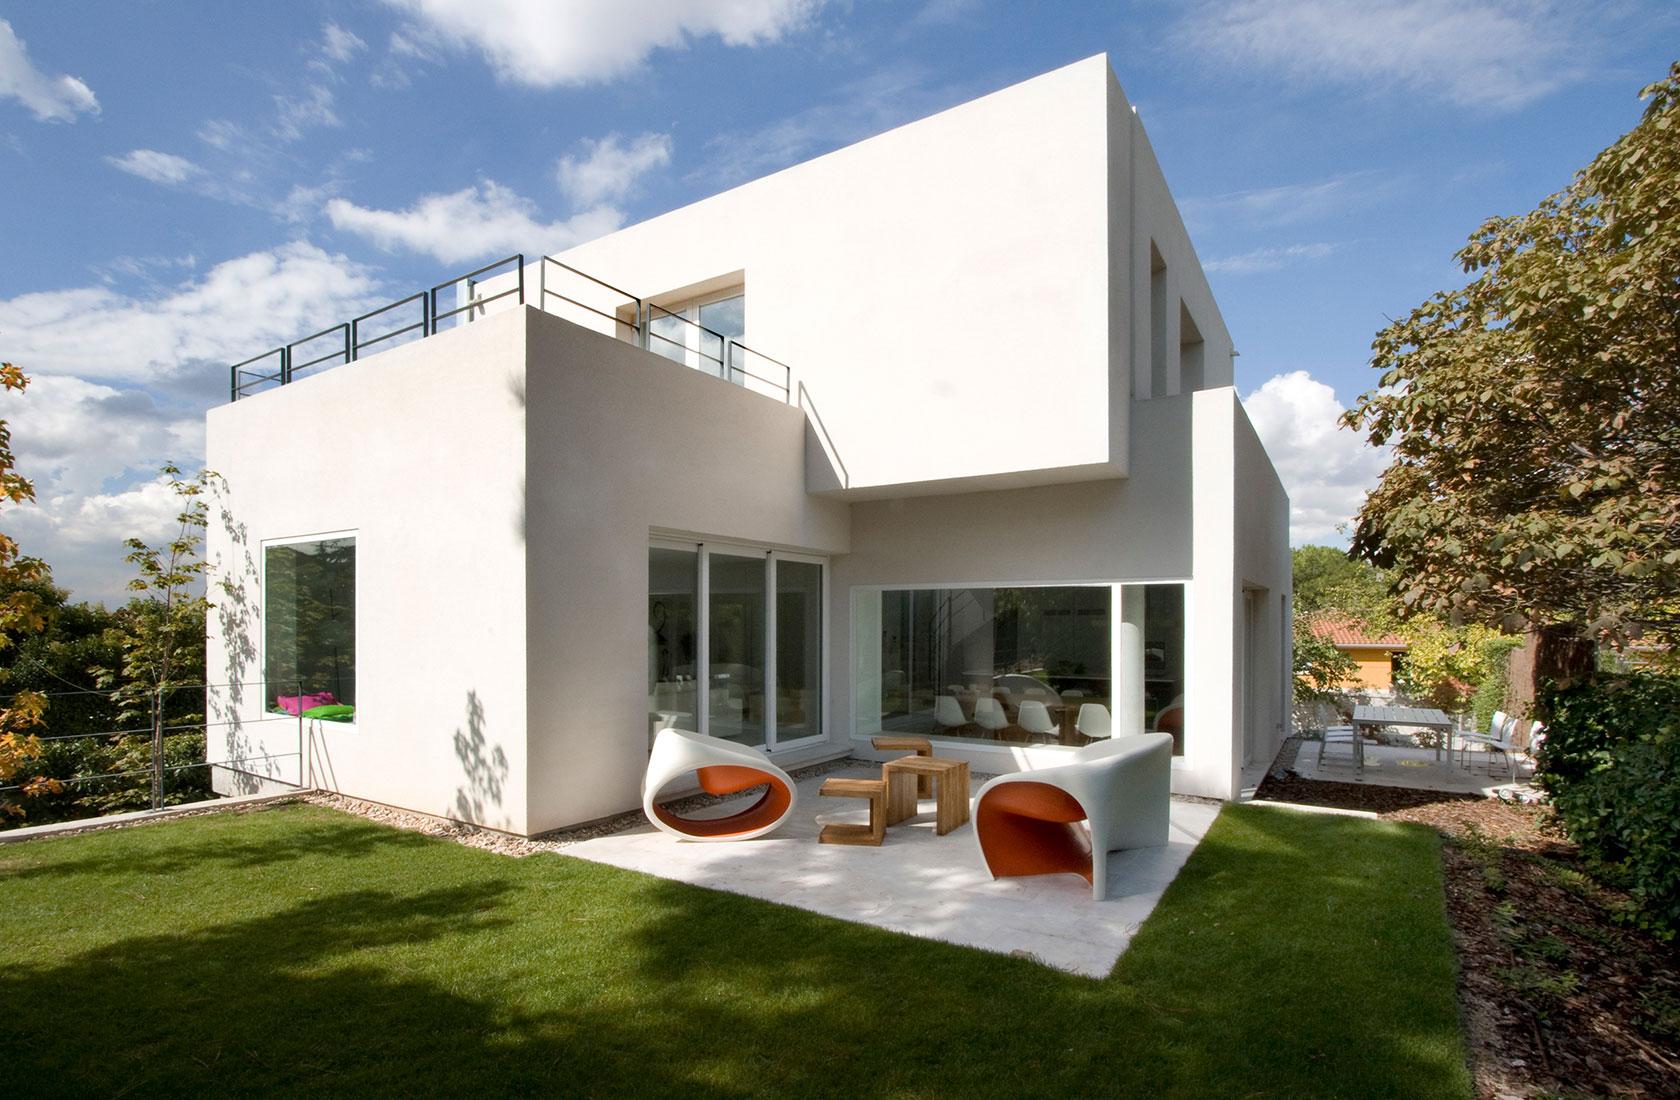 Vista general del proyecto Casa Cambrils realizado por ÁBATON Arquitectura